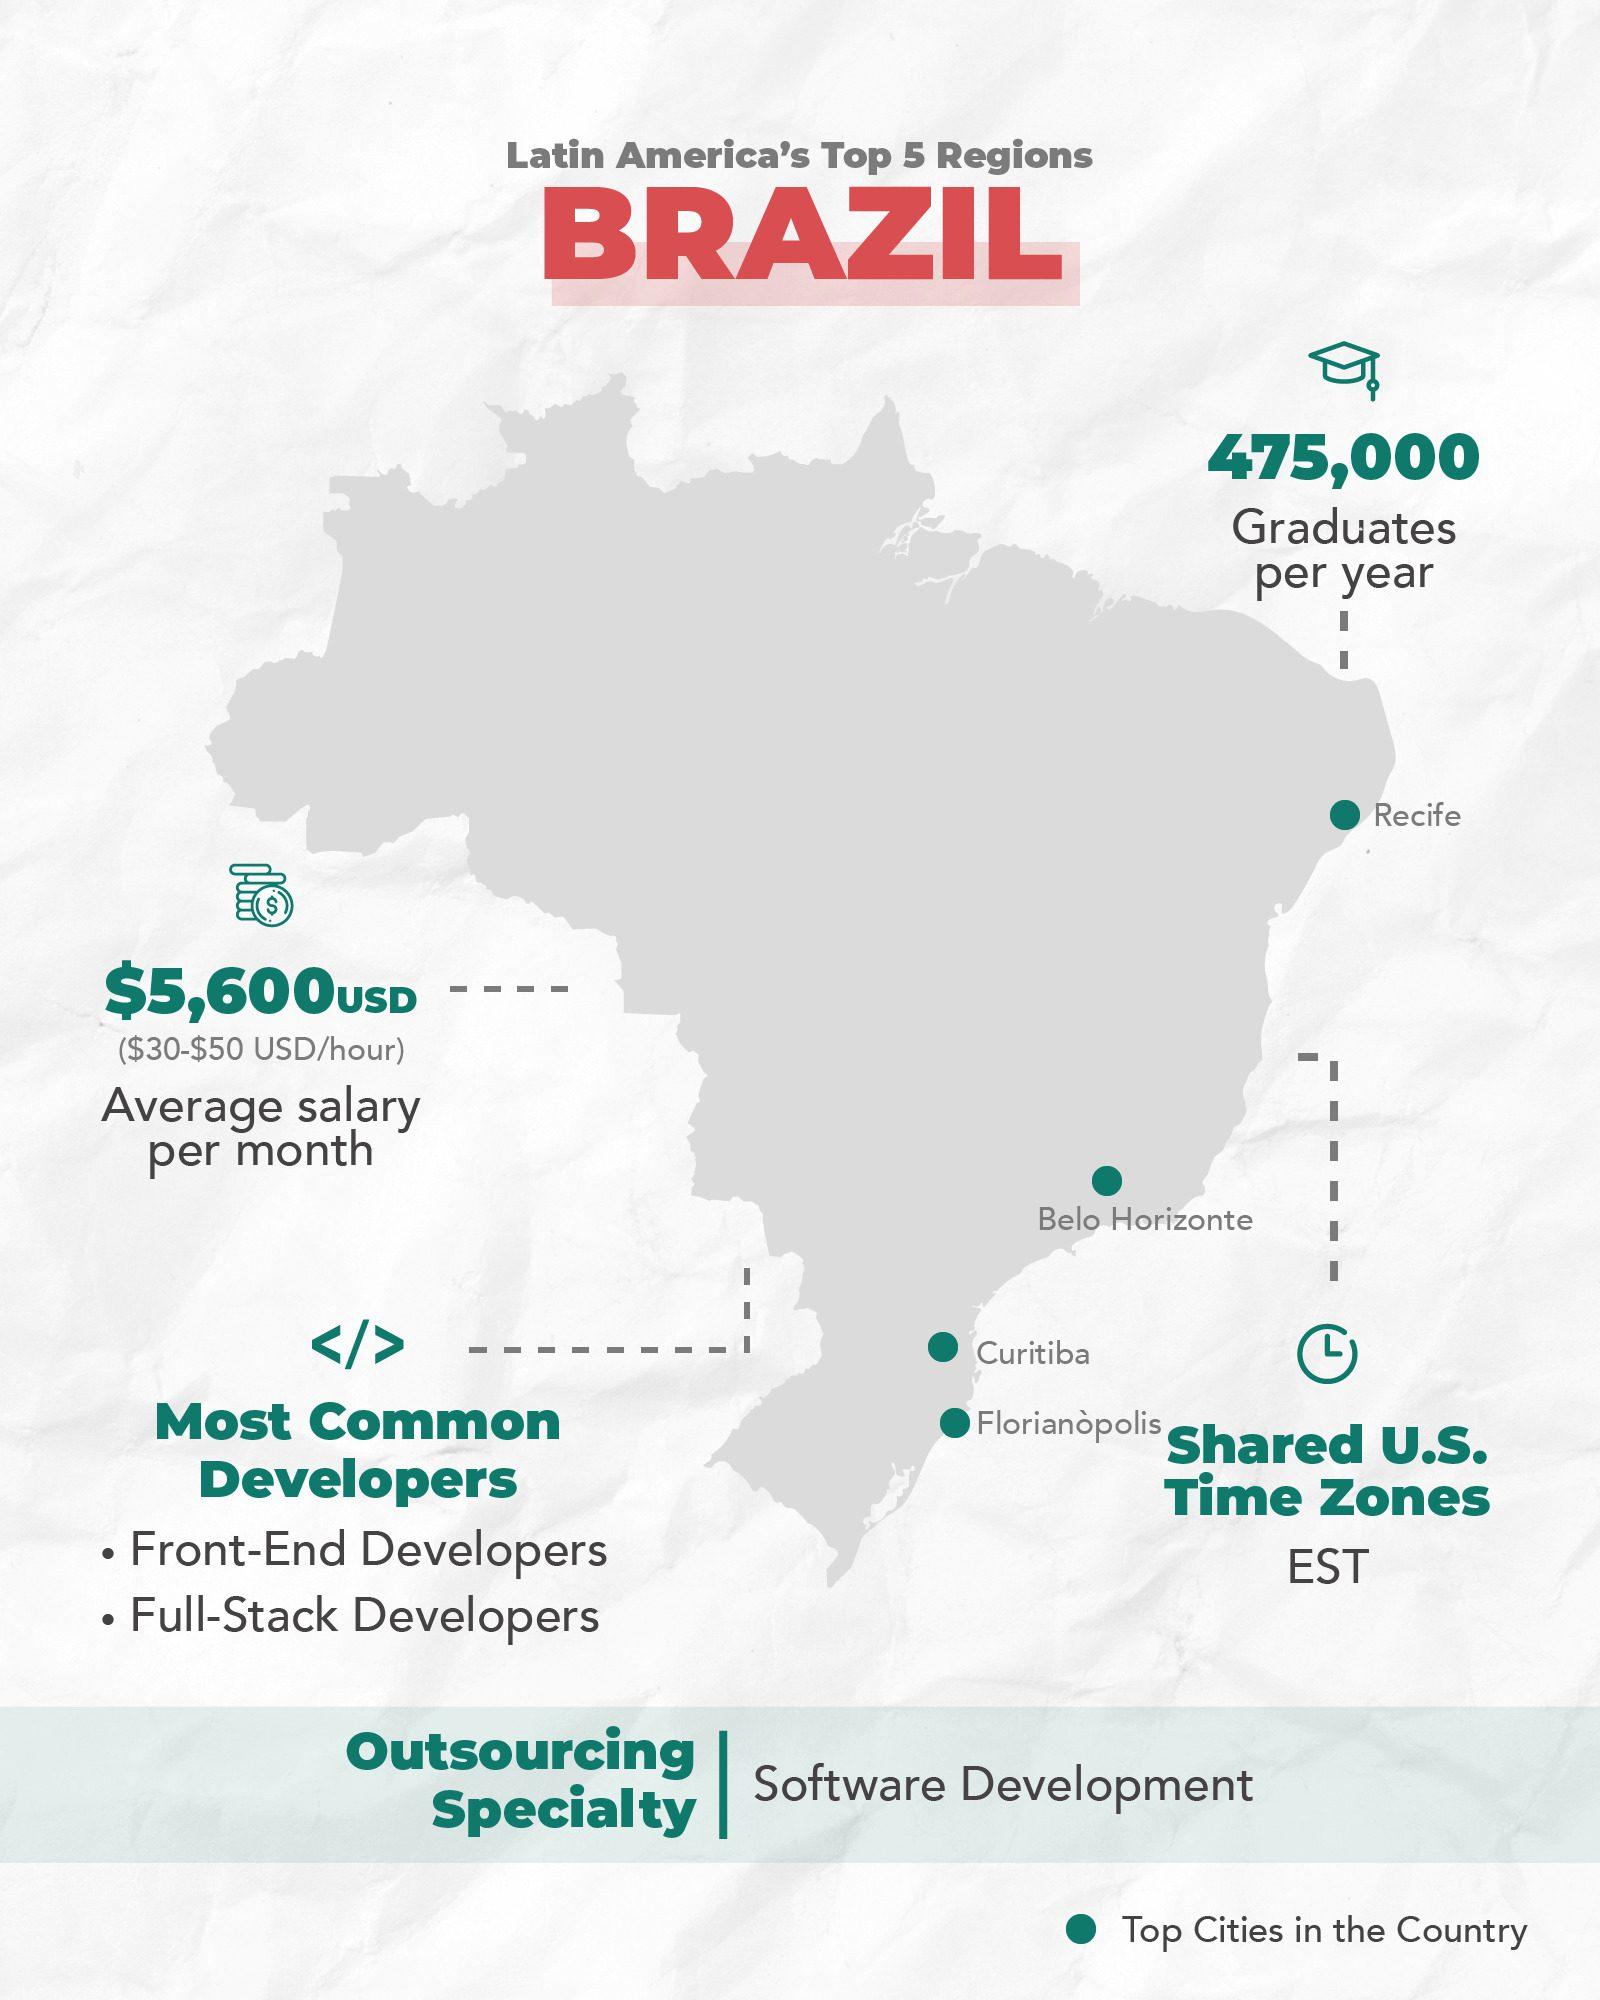 Brazil's Tech Ecosystem